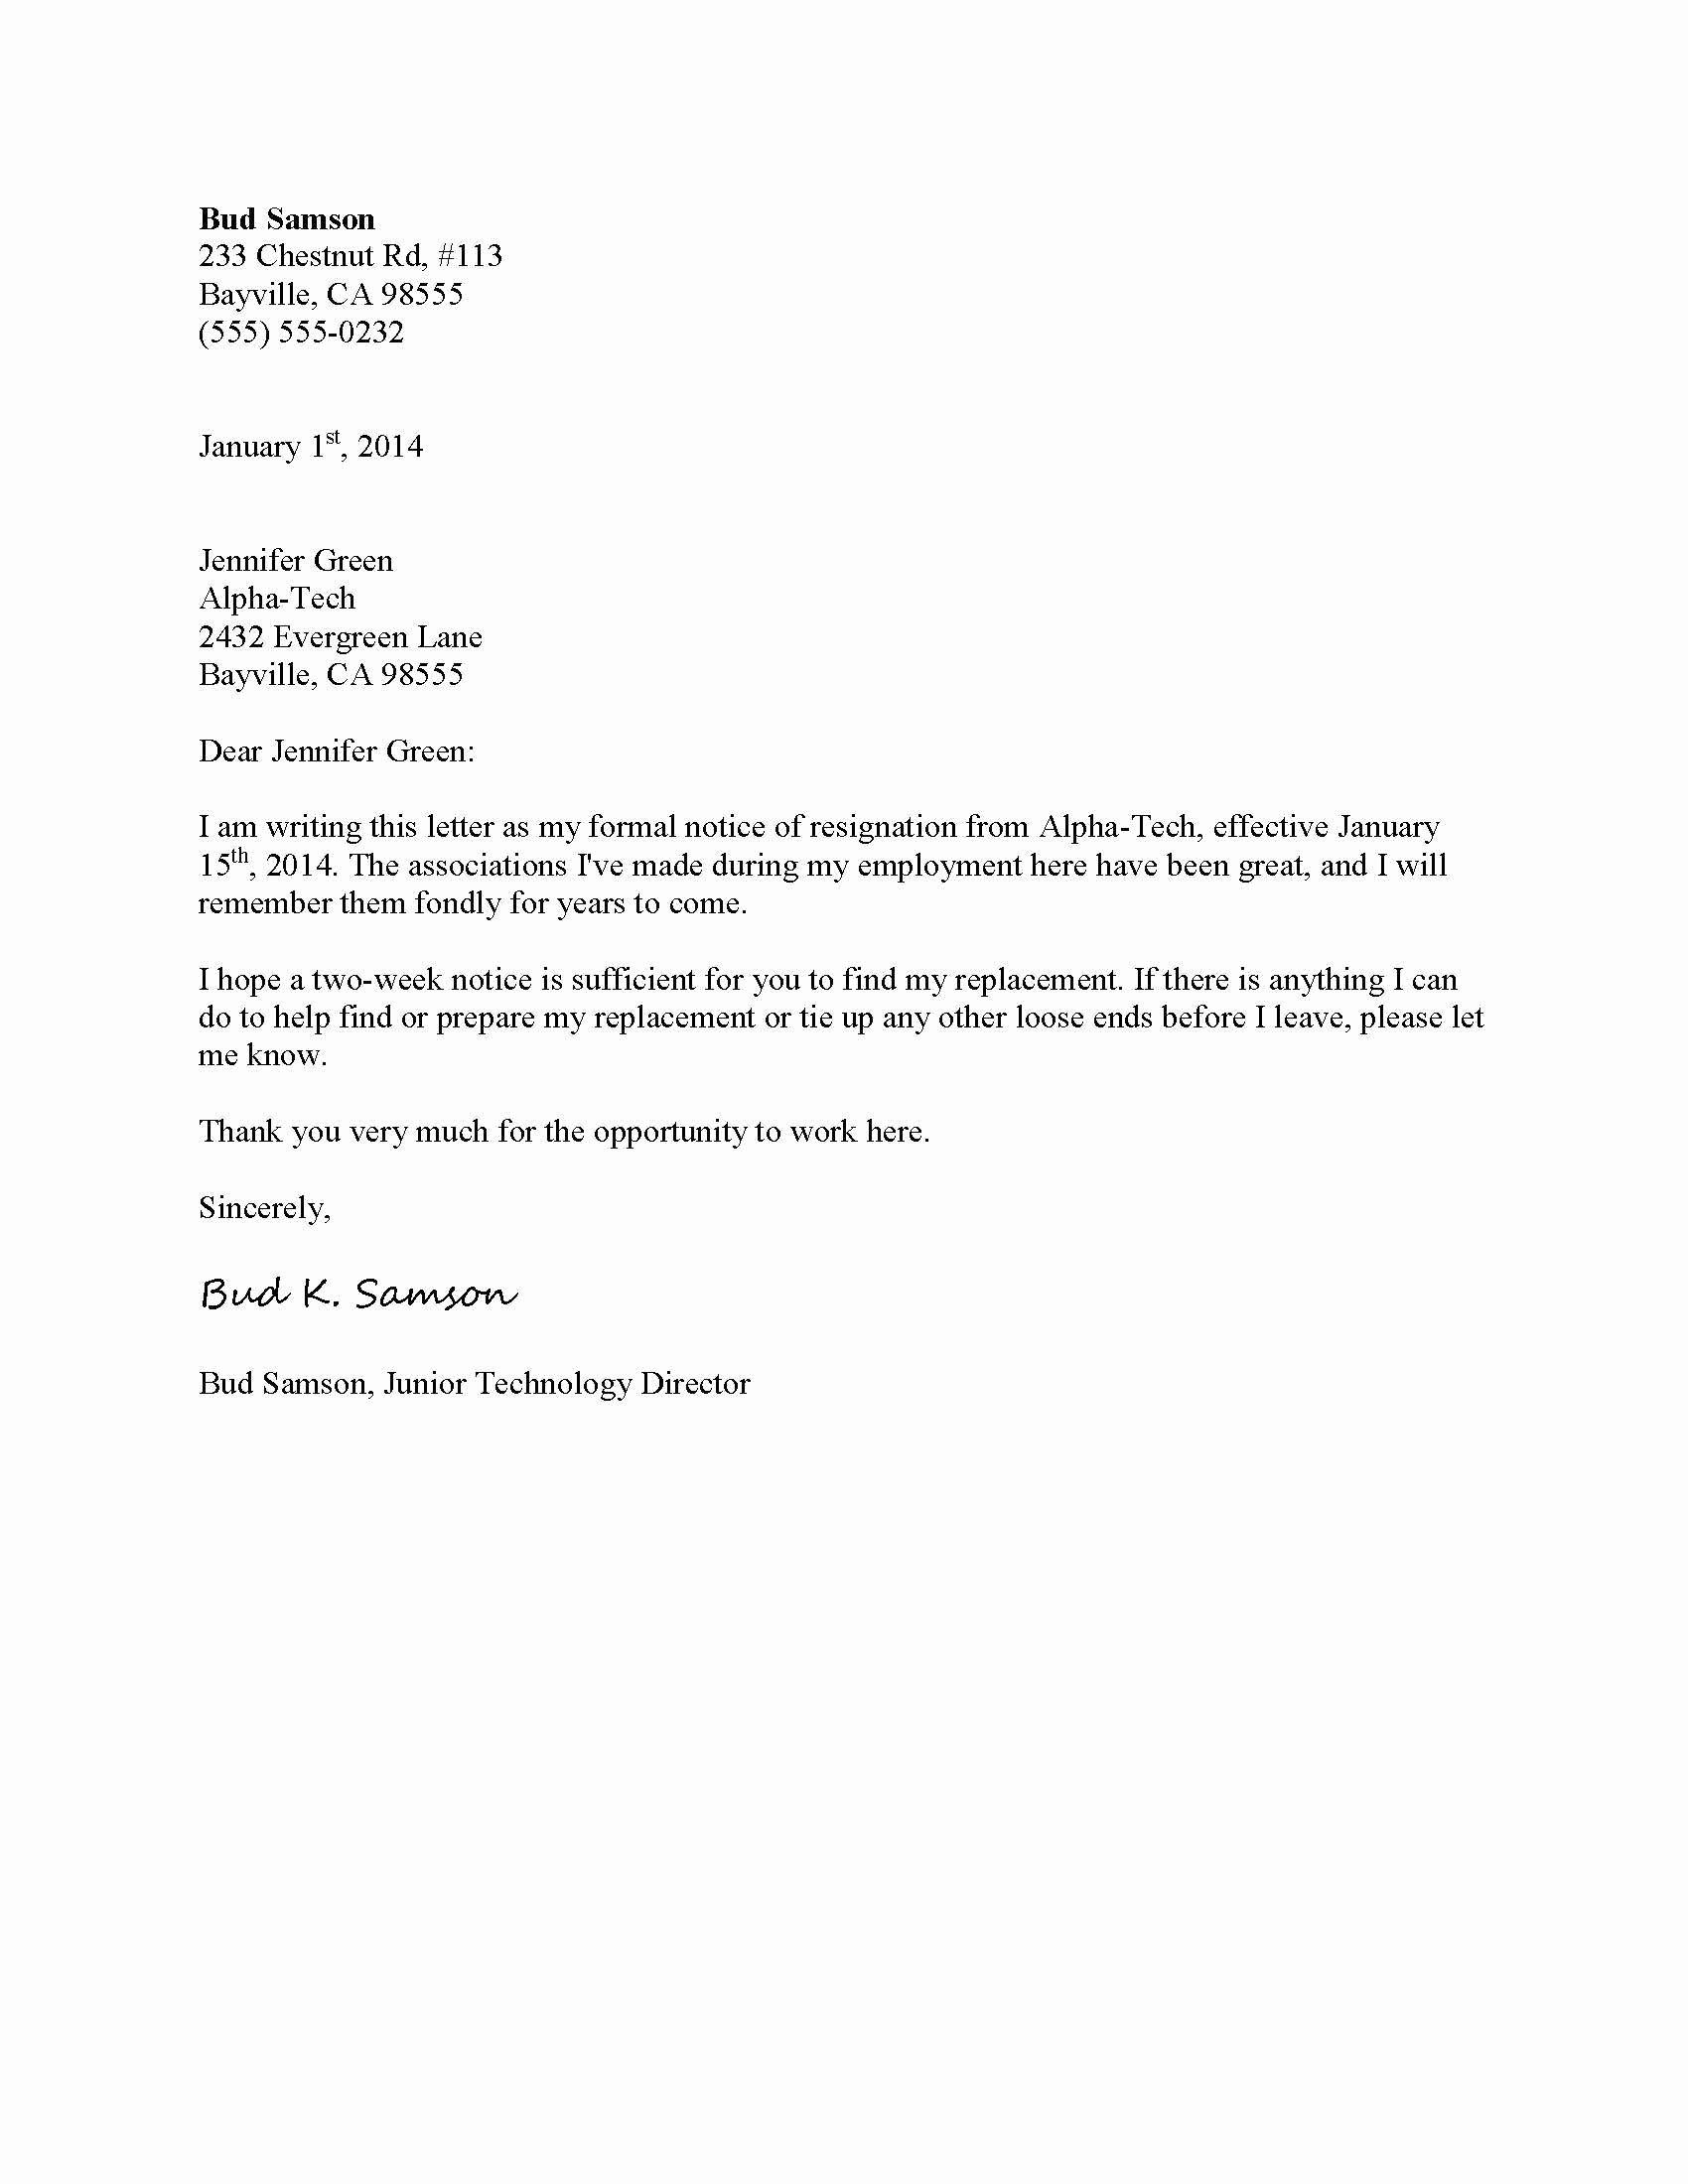 Template for Letter Of Resignation Elegant Letter Templates